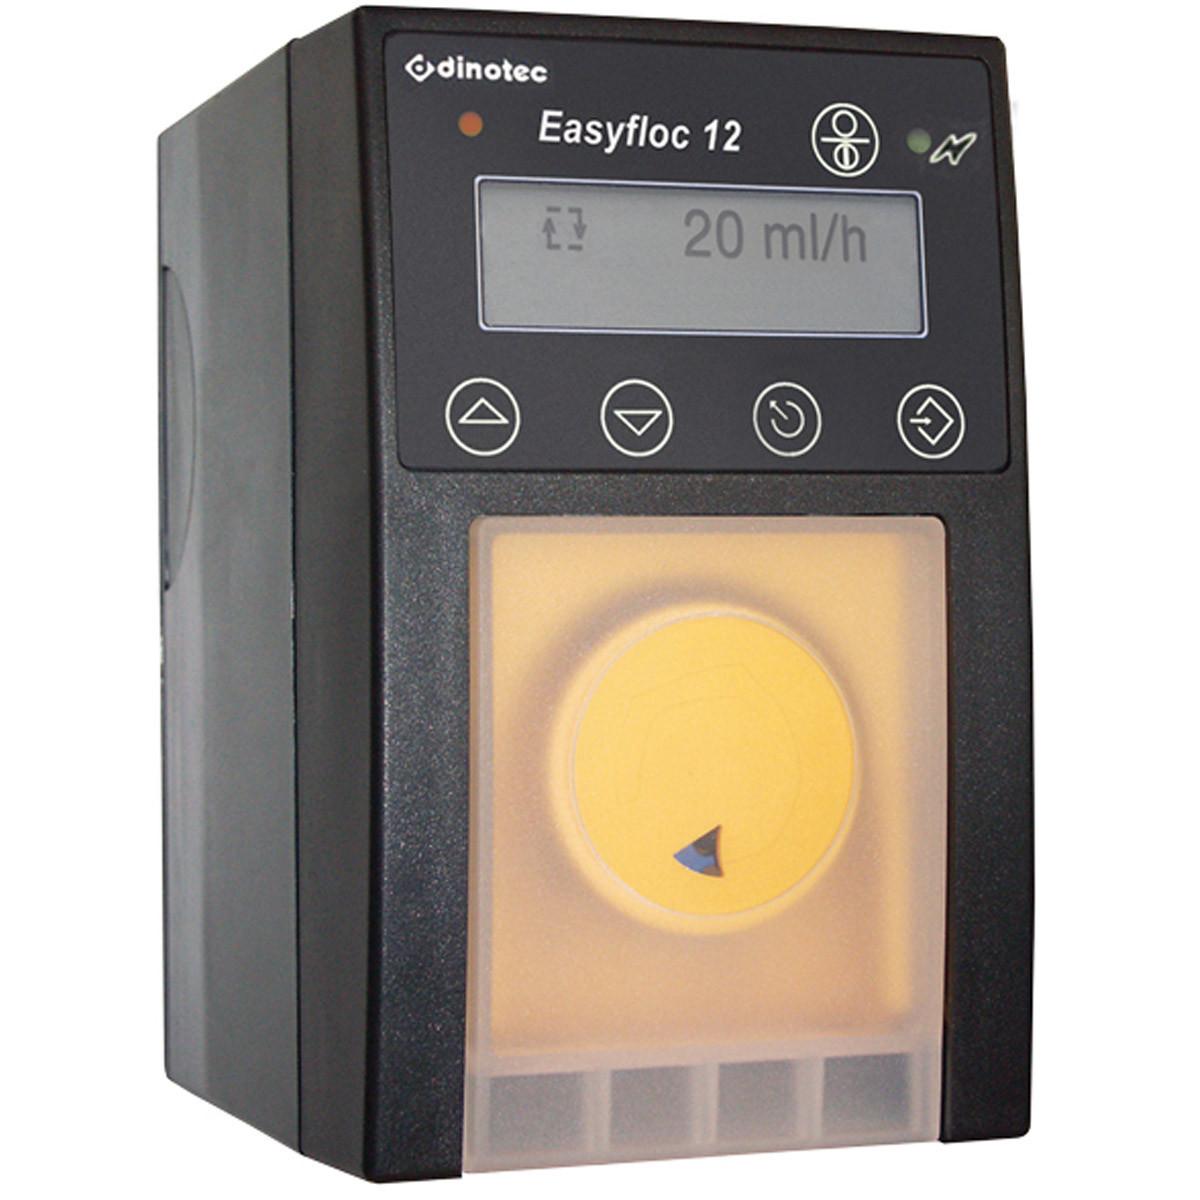 Дозирующий перистальтический насос Dinotec Easyfloc 12 (0260-588-90) - 1,2 л/ч